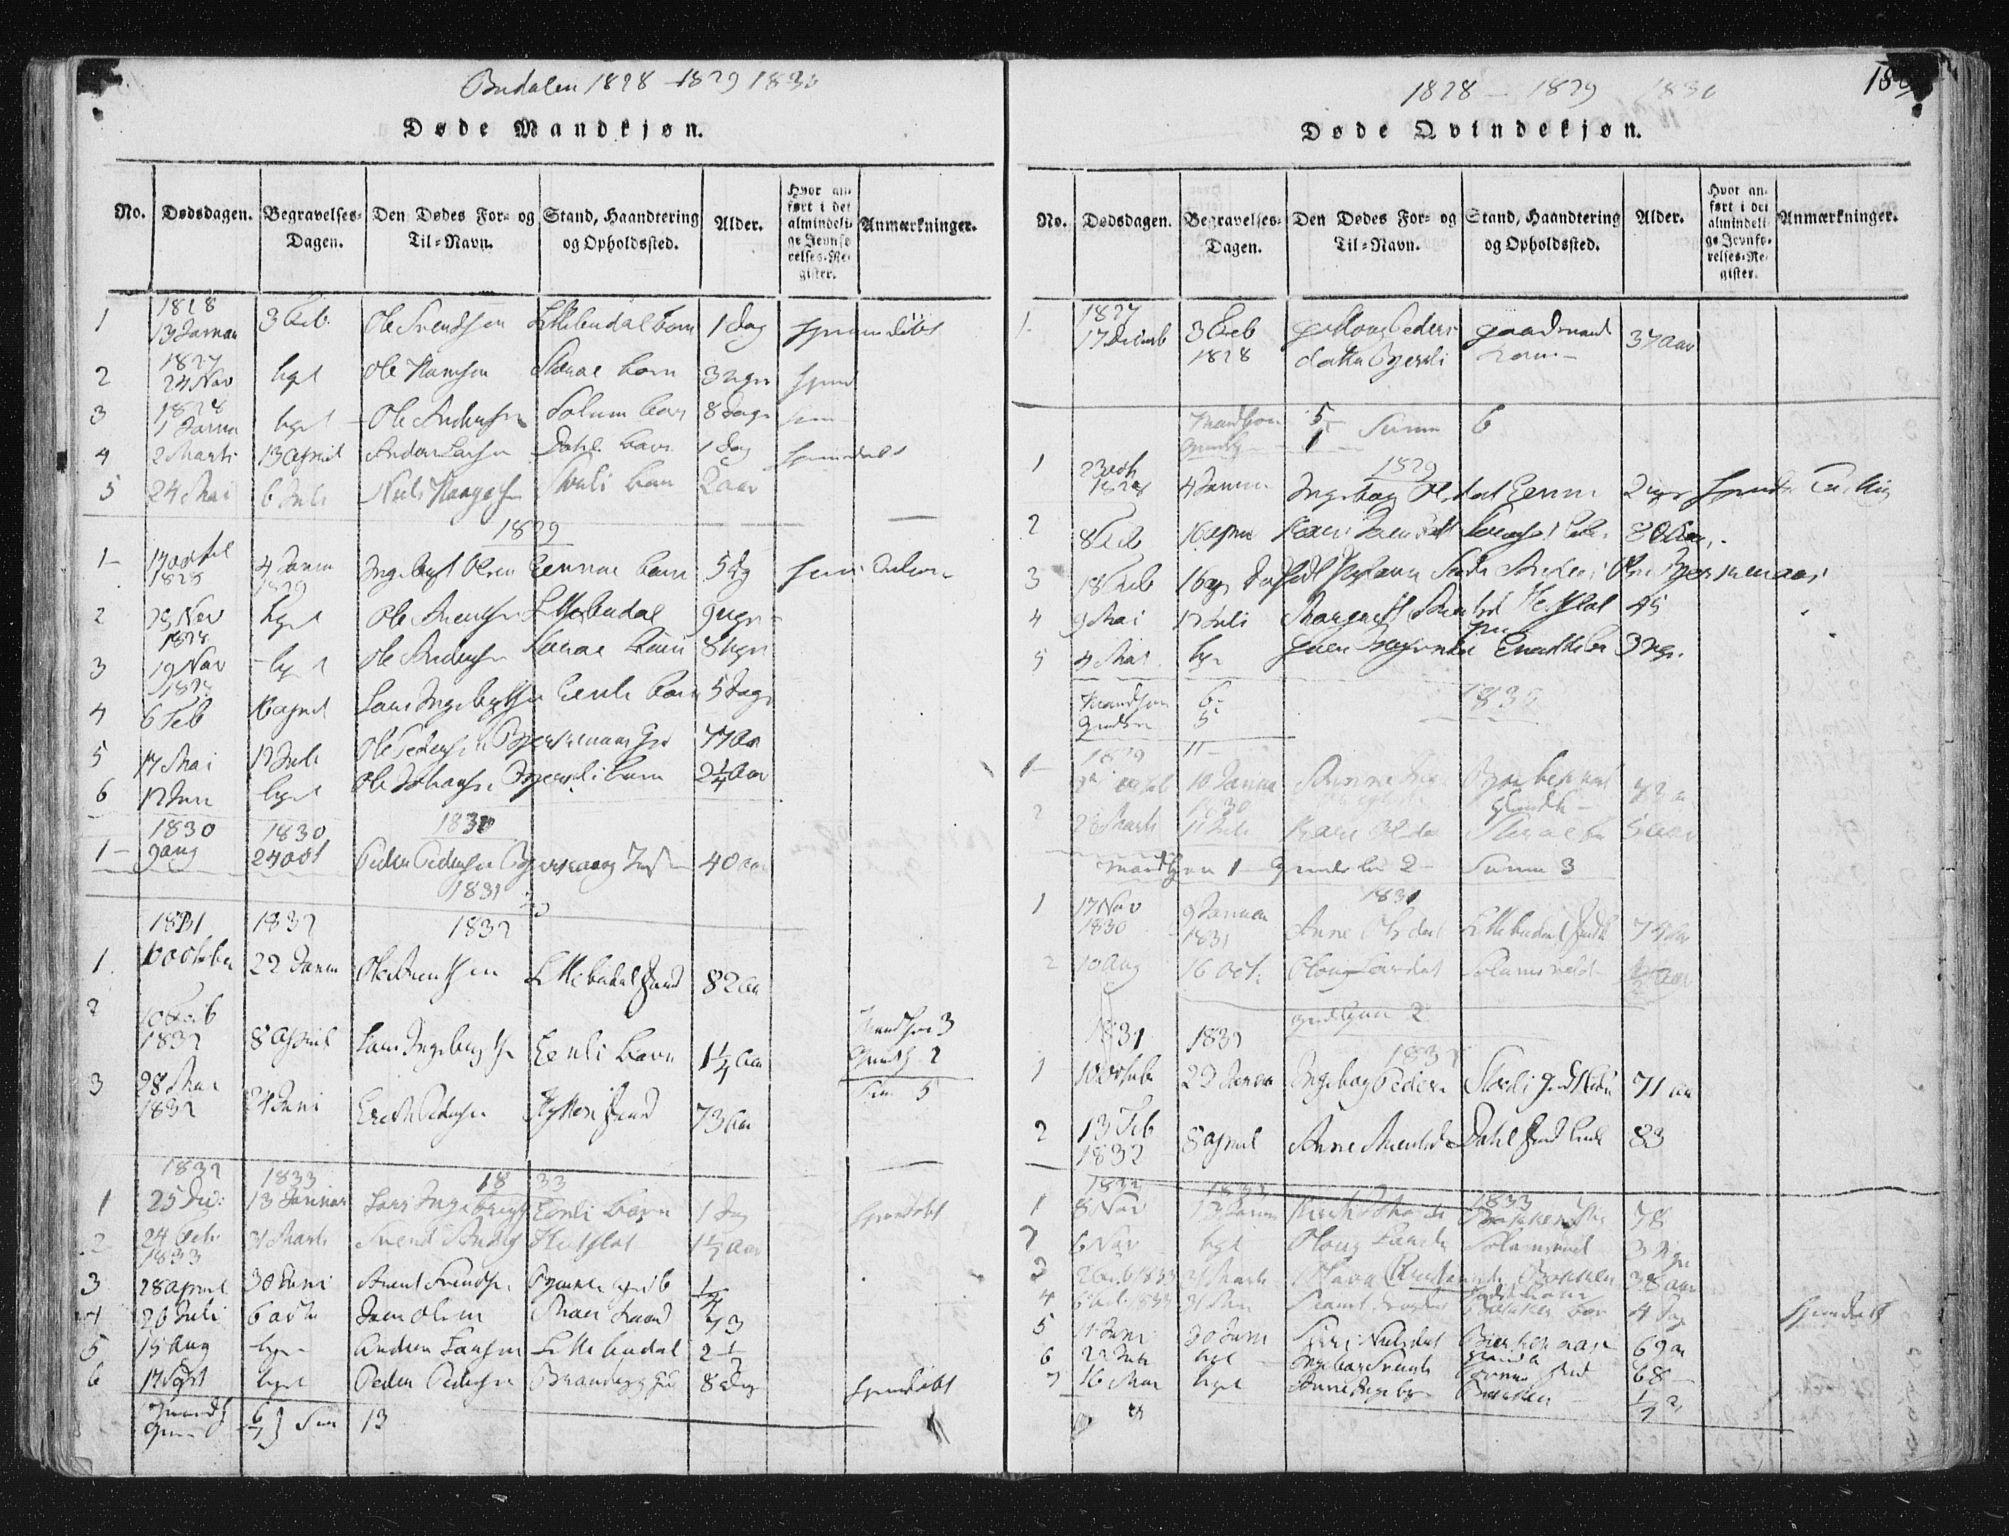 SAT, Ministerialprotokoller, klokkerbøker og fødselsregistre - Sør-Trøndelag, 687/L0996: Ministerialbok nr. 687A04, 1816-1842, s. 188